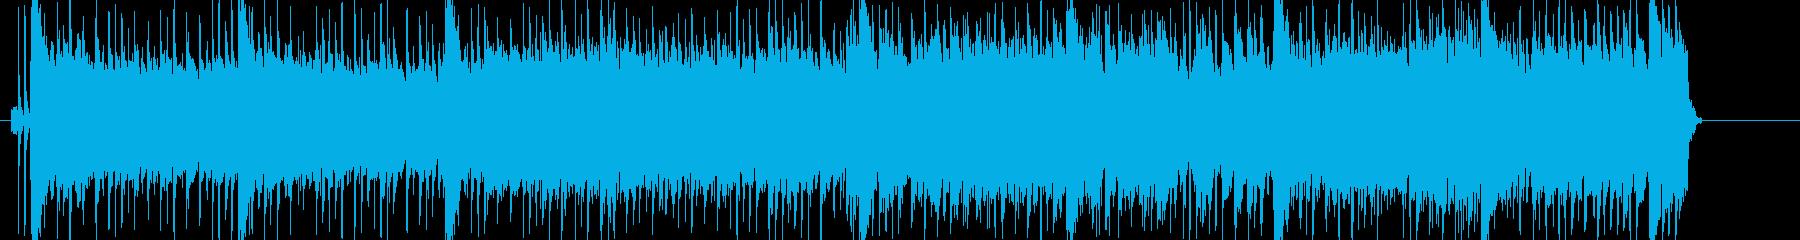 疾走感のある元気なポップロックの再生済みの波形